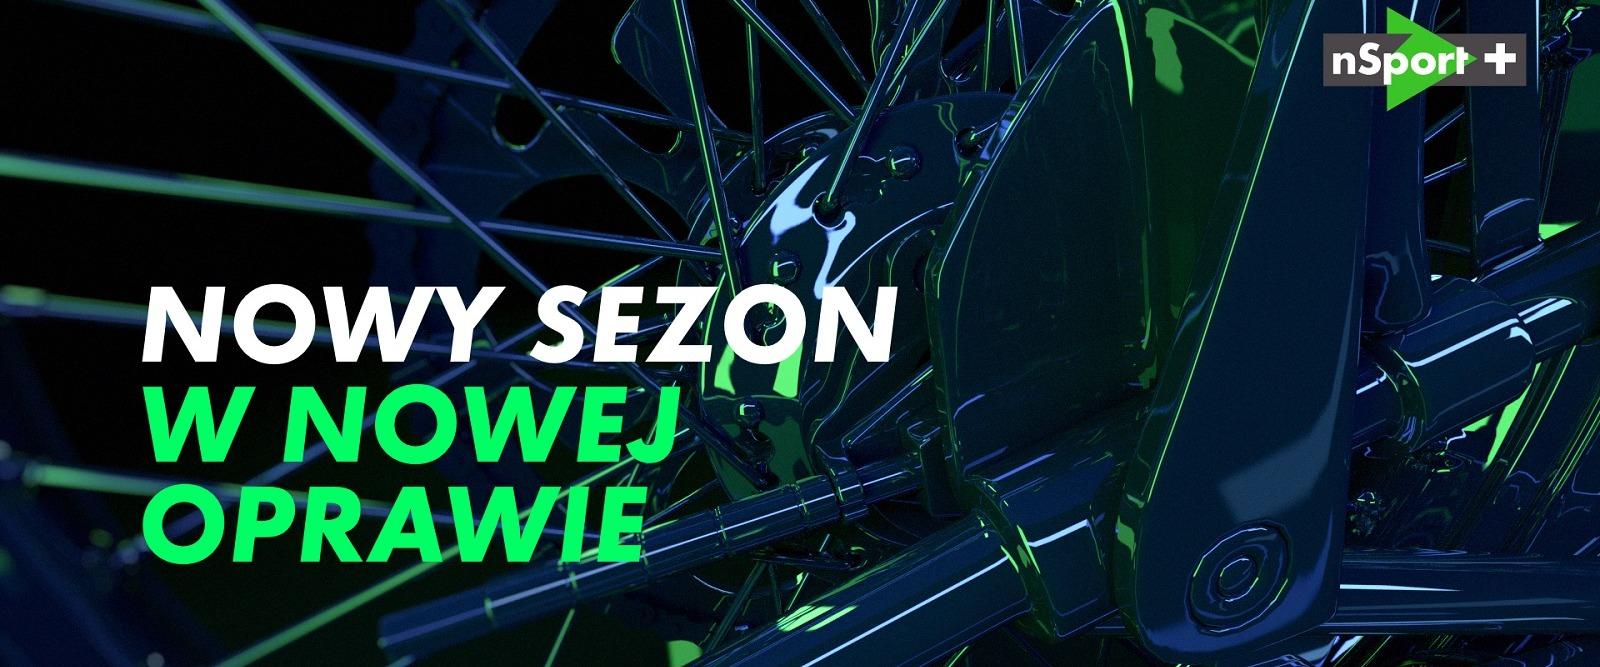 NOWY SEZON PGE EKSTRALIGI W NOWEJ OPRAWIE W NSPORT+